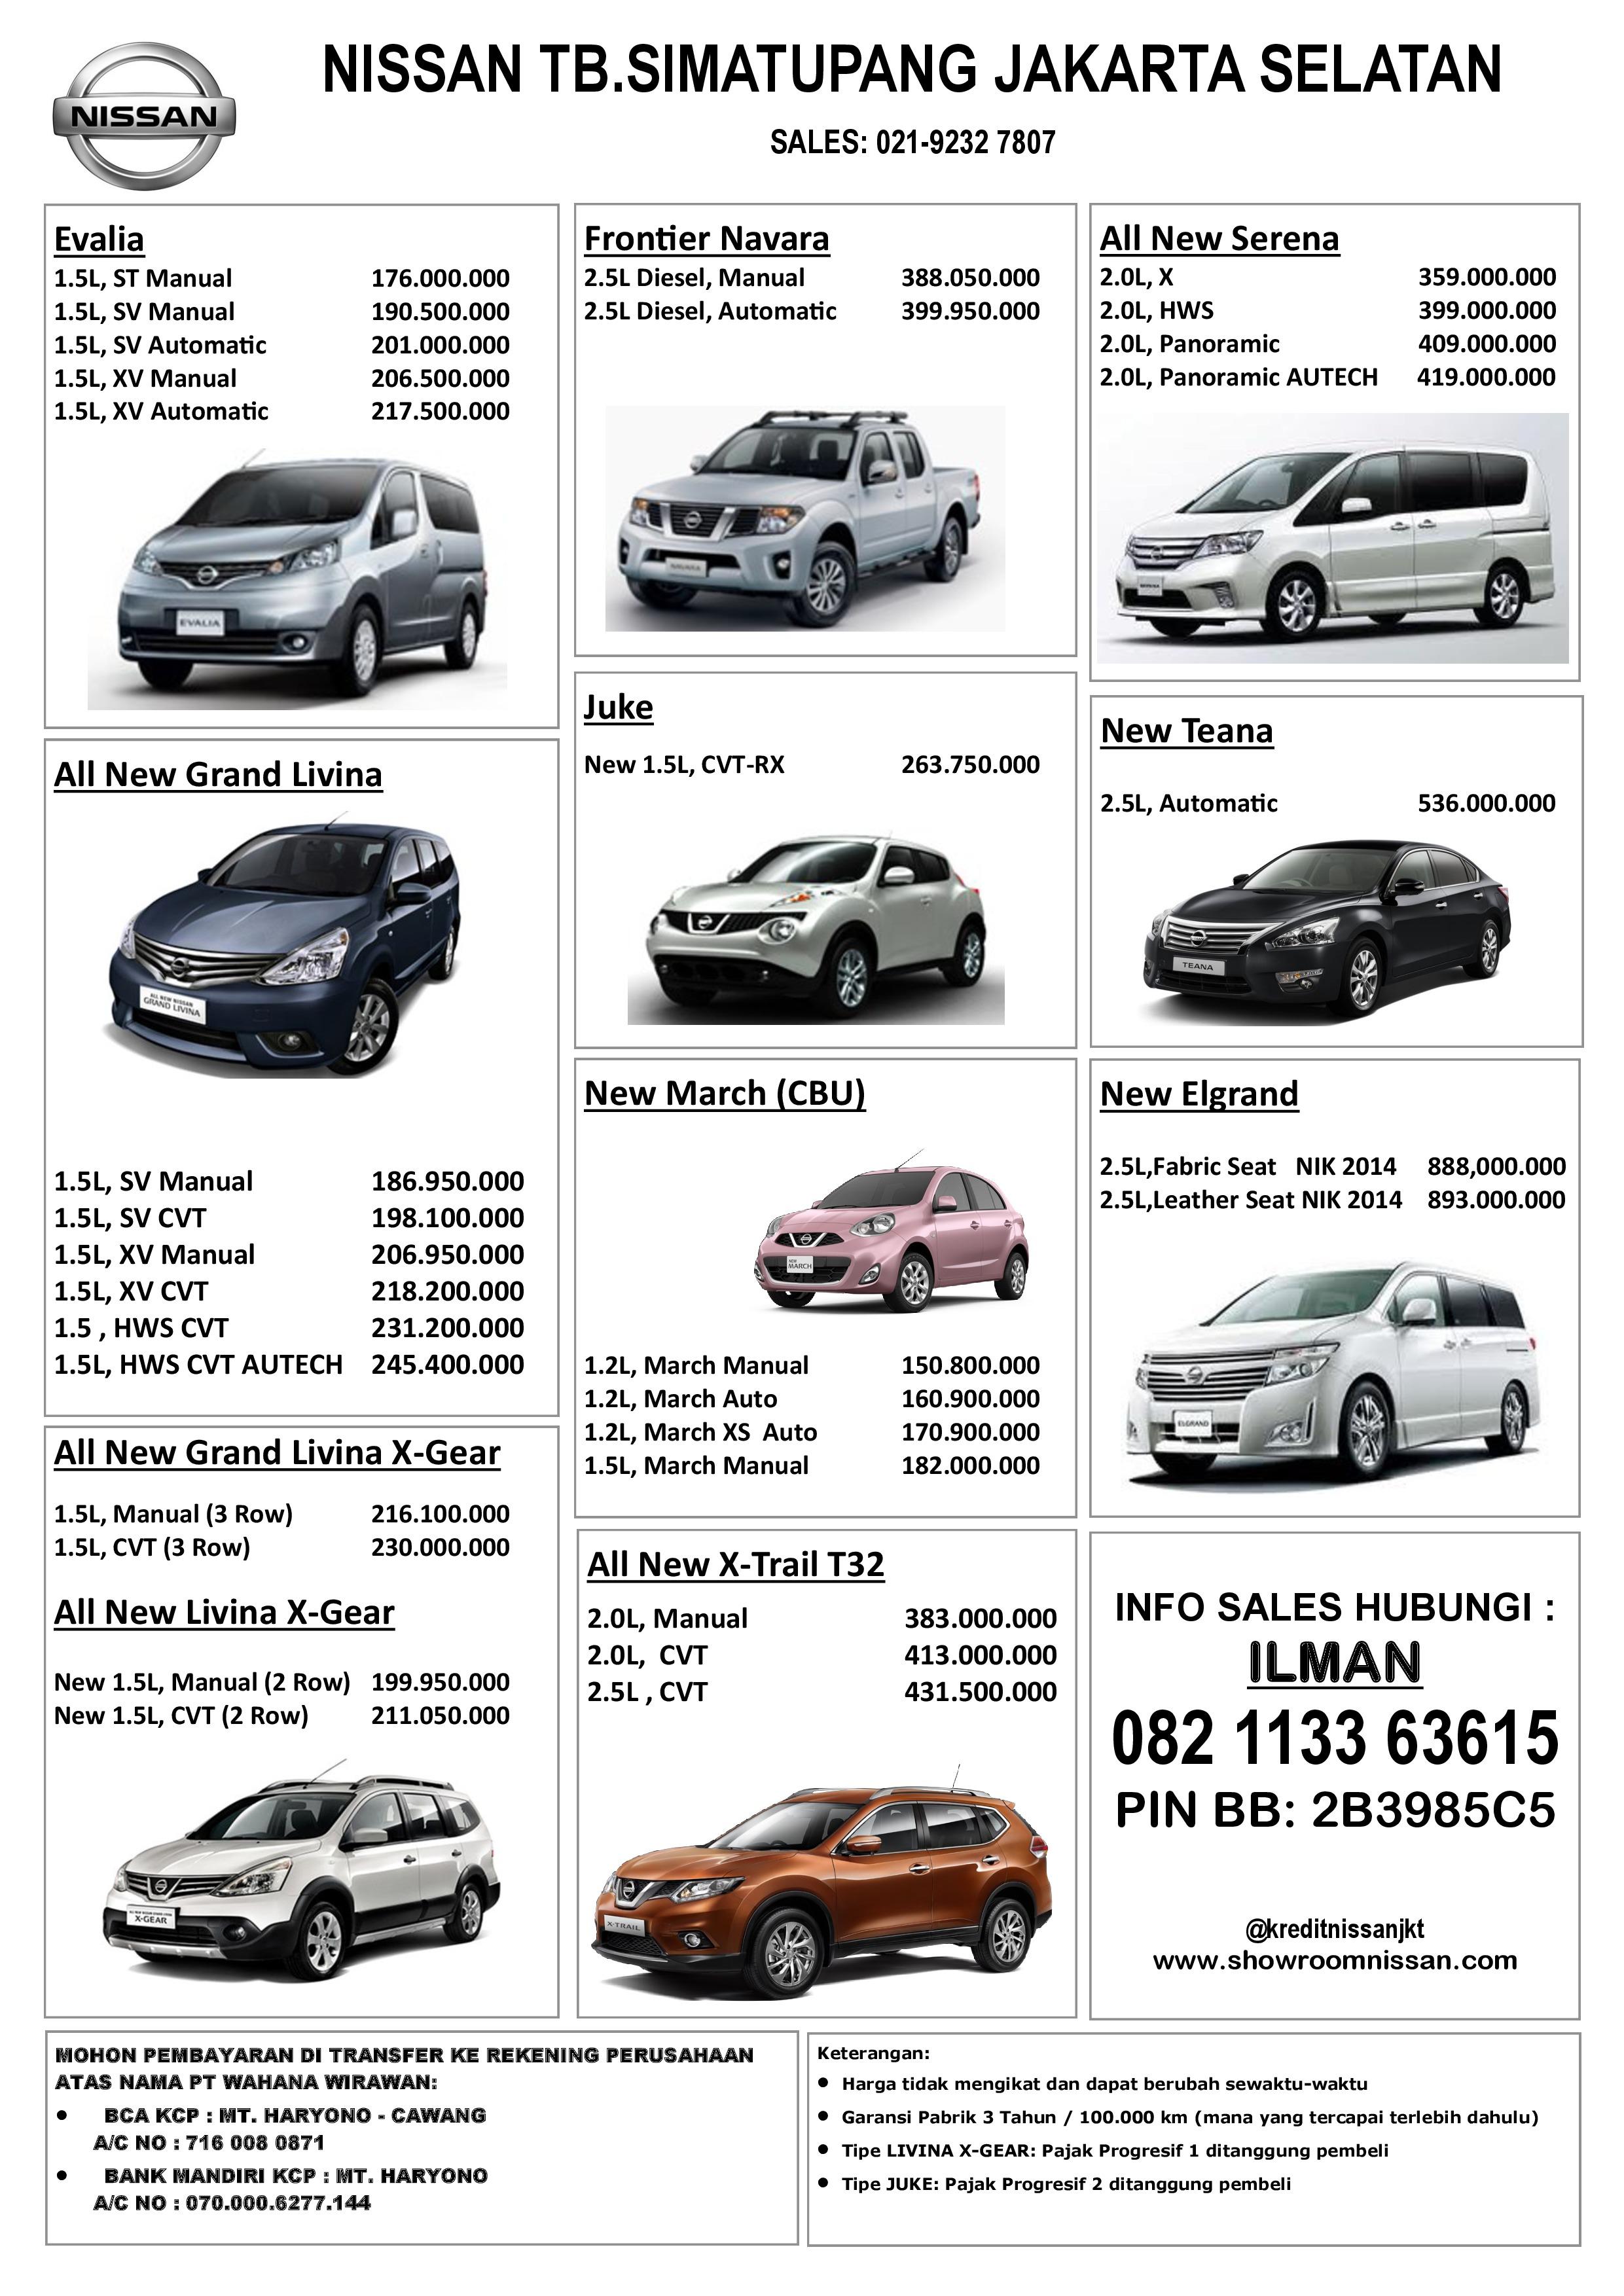 Daftar Harga Harga Promo Dan Kredit Mobil Nissan Datsun Jakarta